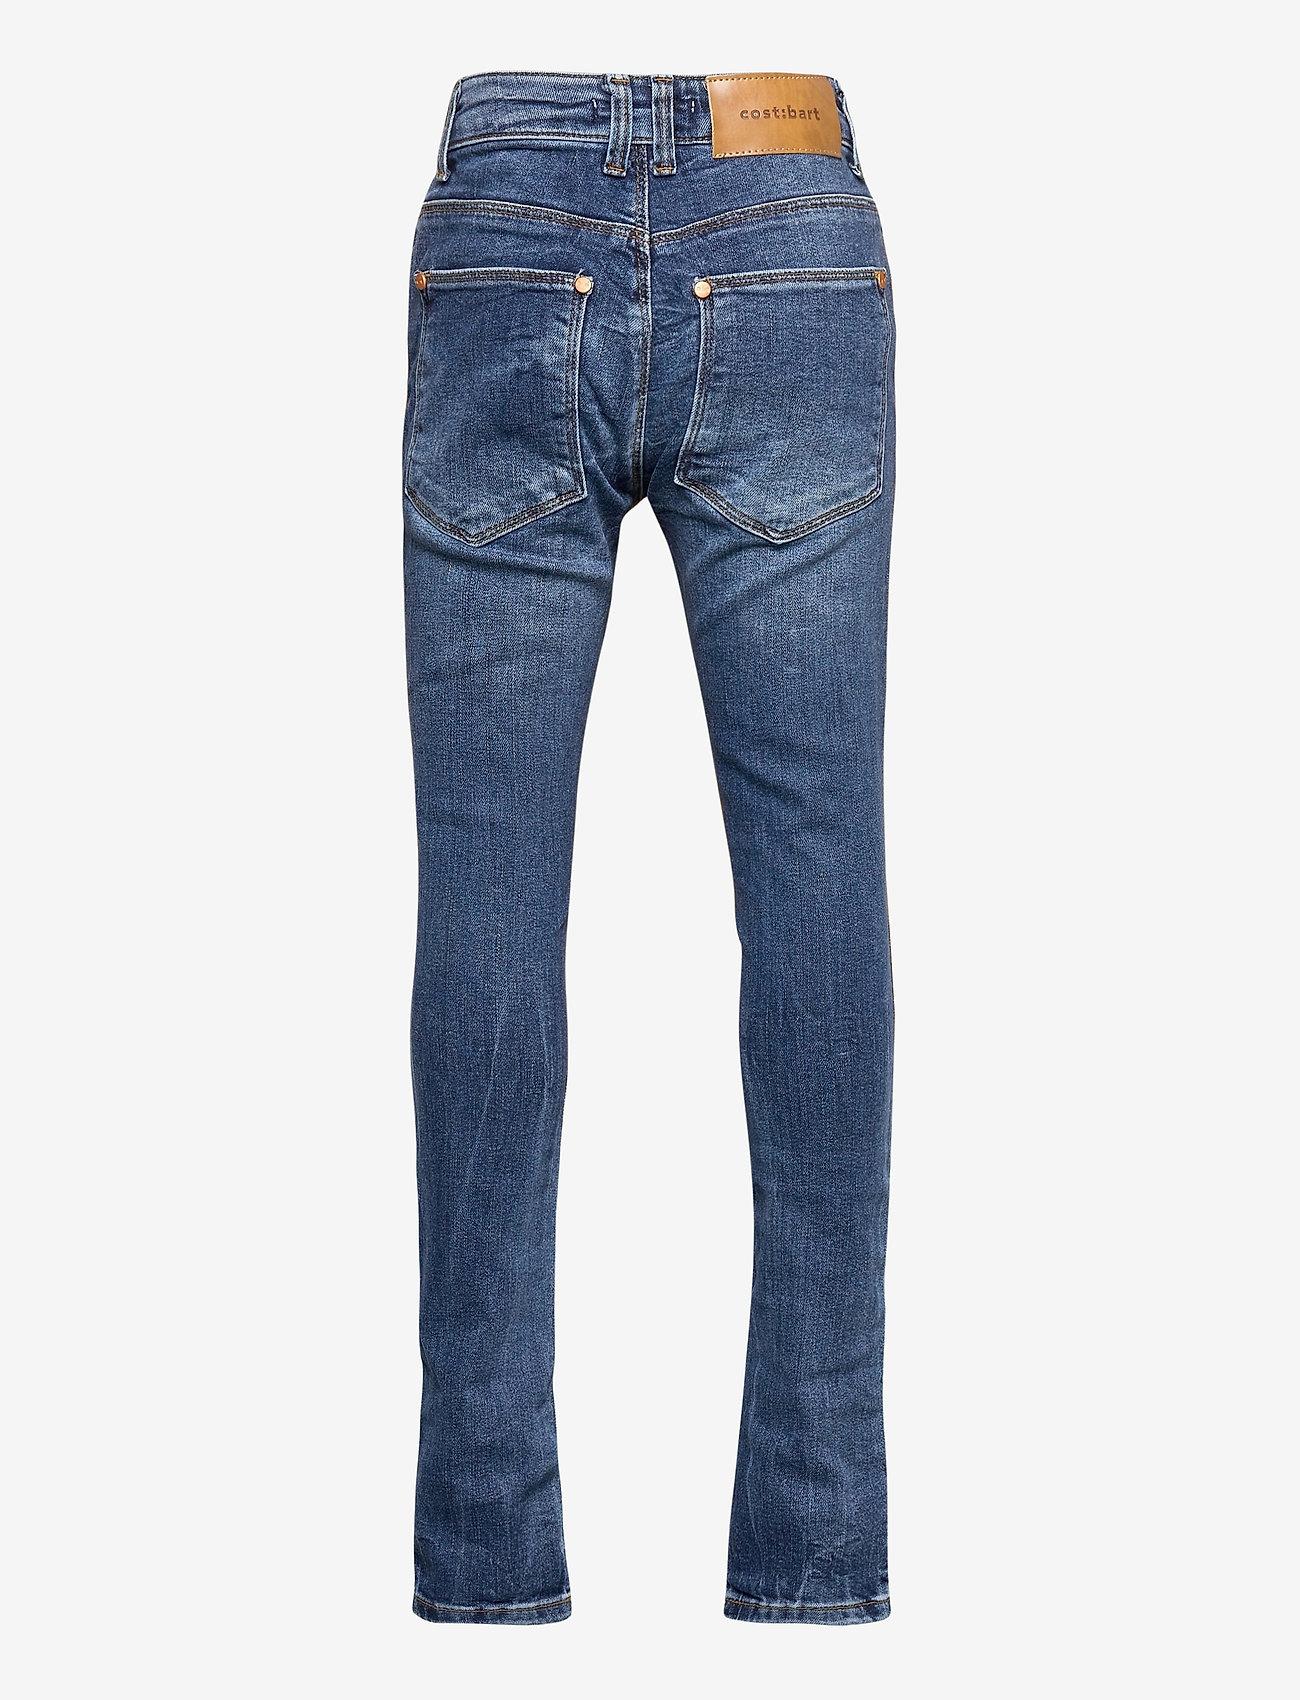 Costbart - BOWIE JEANS MEDIUM BLUE DENIM WASH - jeans - medium blue denim wash - 1